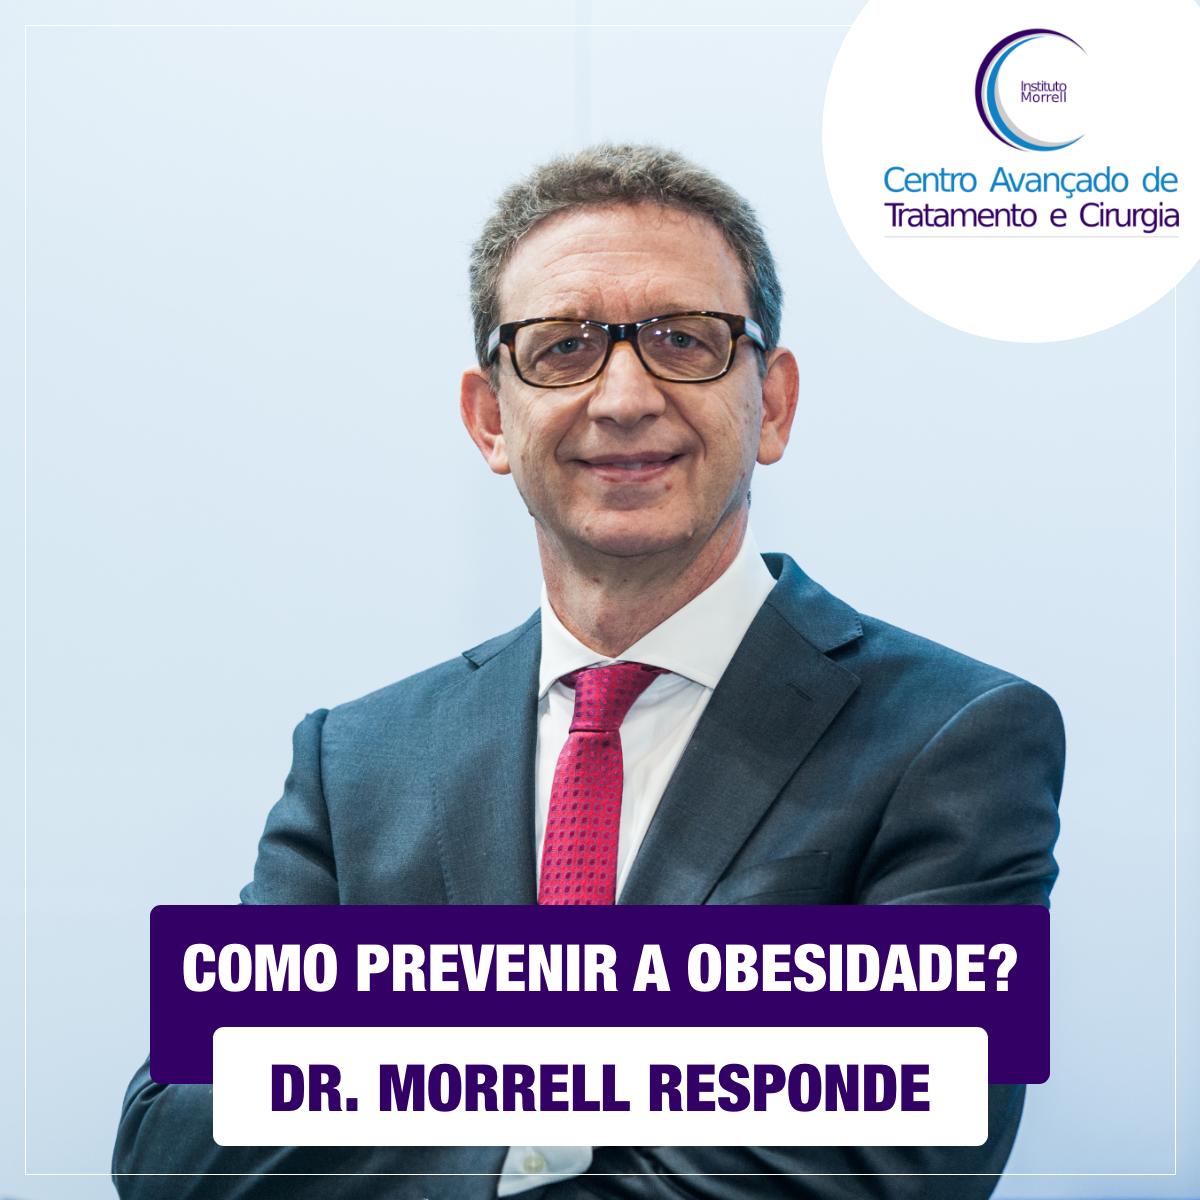 DR._MORRELL_RESPONDE_-_COMO_PREVENIR_A_OBESIDADE-1200x1200.png